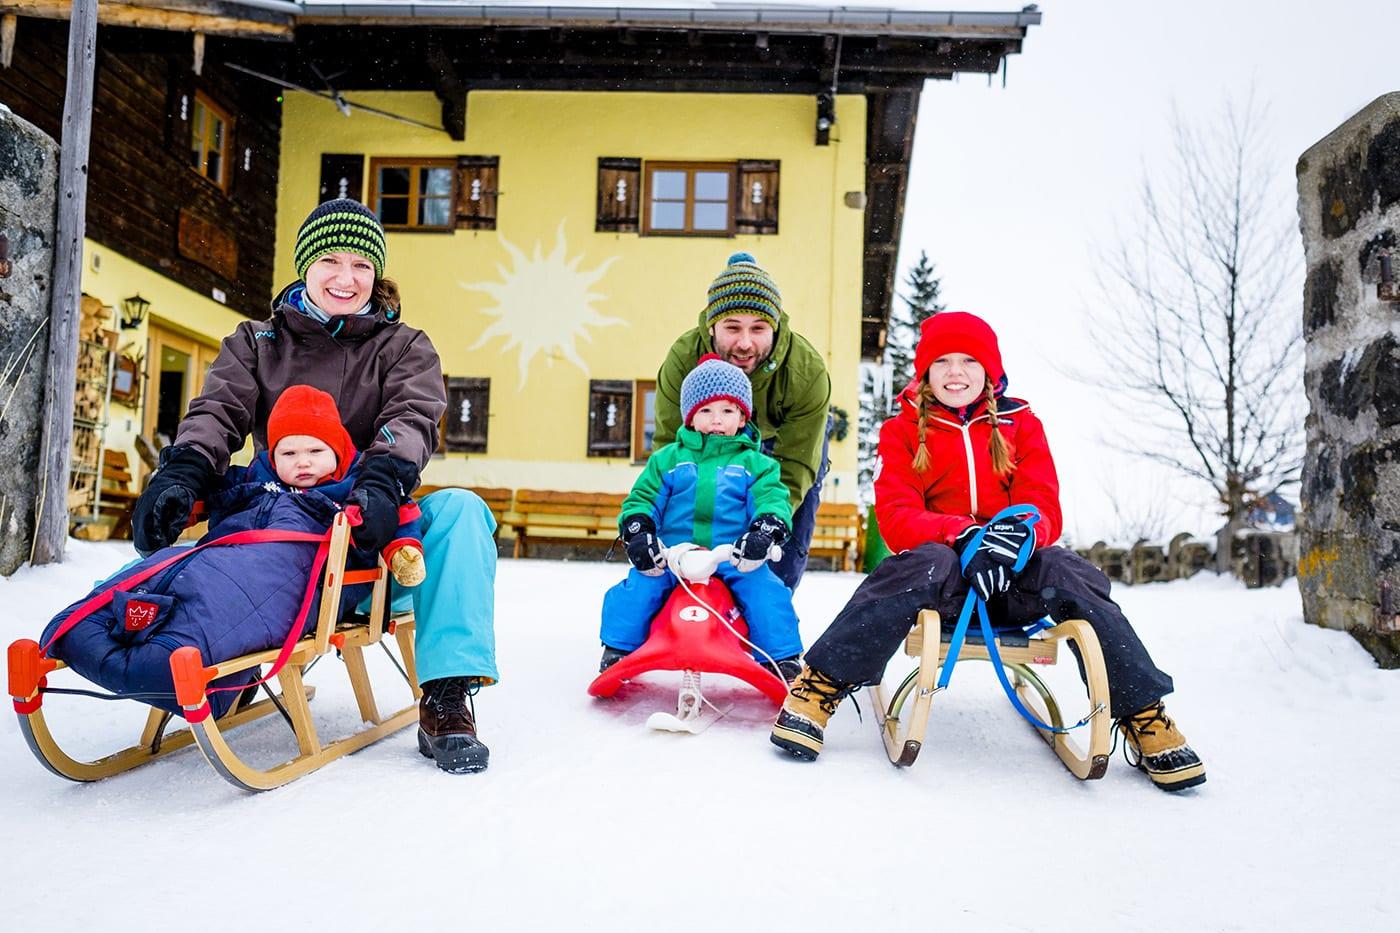 Jugendherberge Sudellfeld Schlitten fahren Winter // HIMBEER